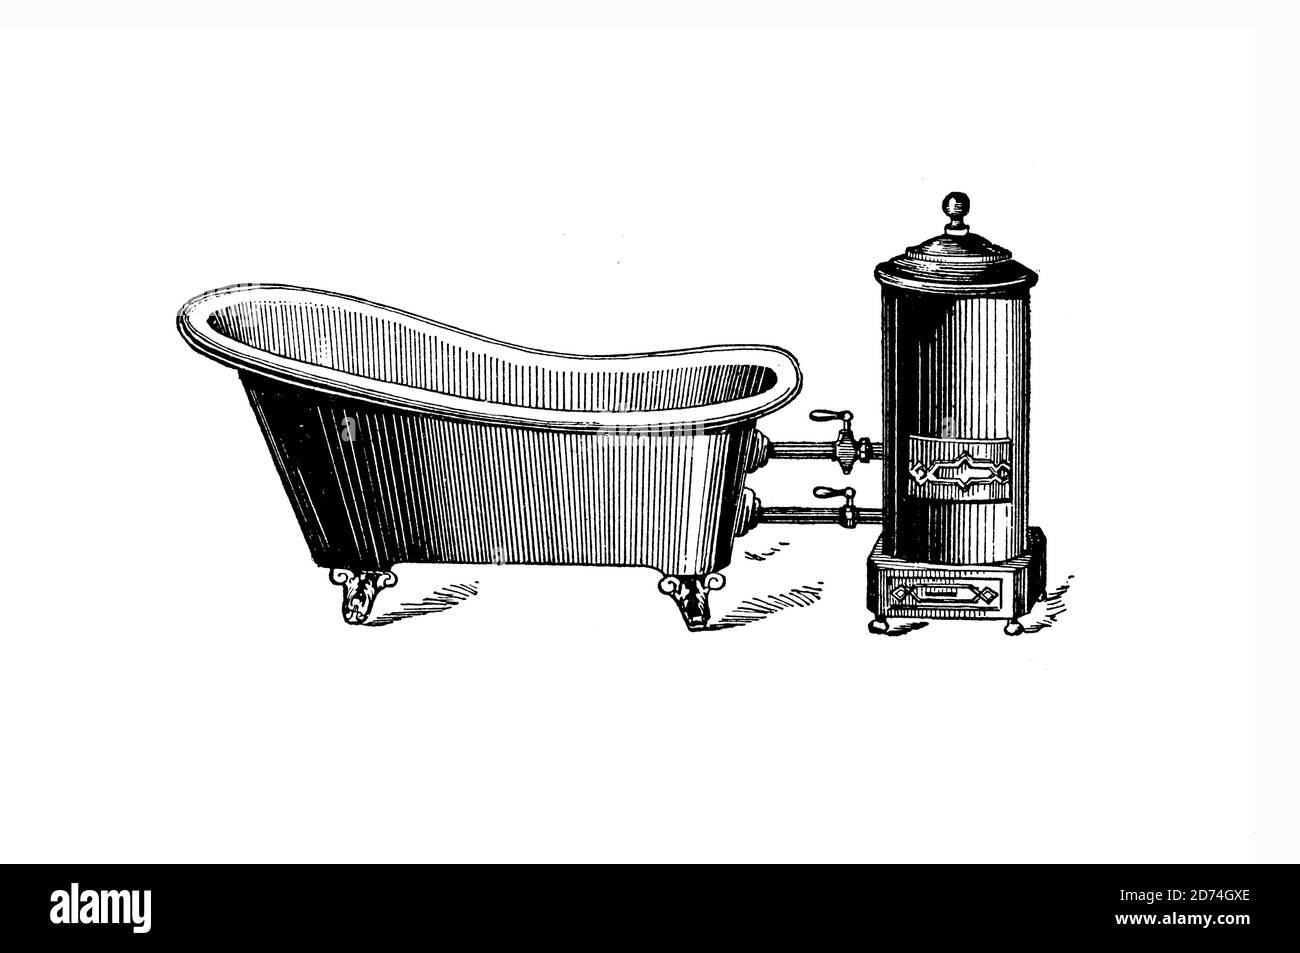 Bathtub Oven  /  Badewanne mit Ofen, Historisch, historical, digital improved reproduction of an original from the 19th century / digitale Reproduktion einer Originalvorlage aus dem 19. Jahrhundert Stock Photo